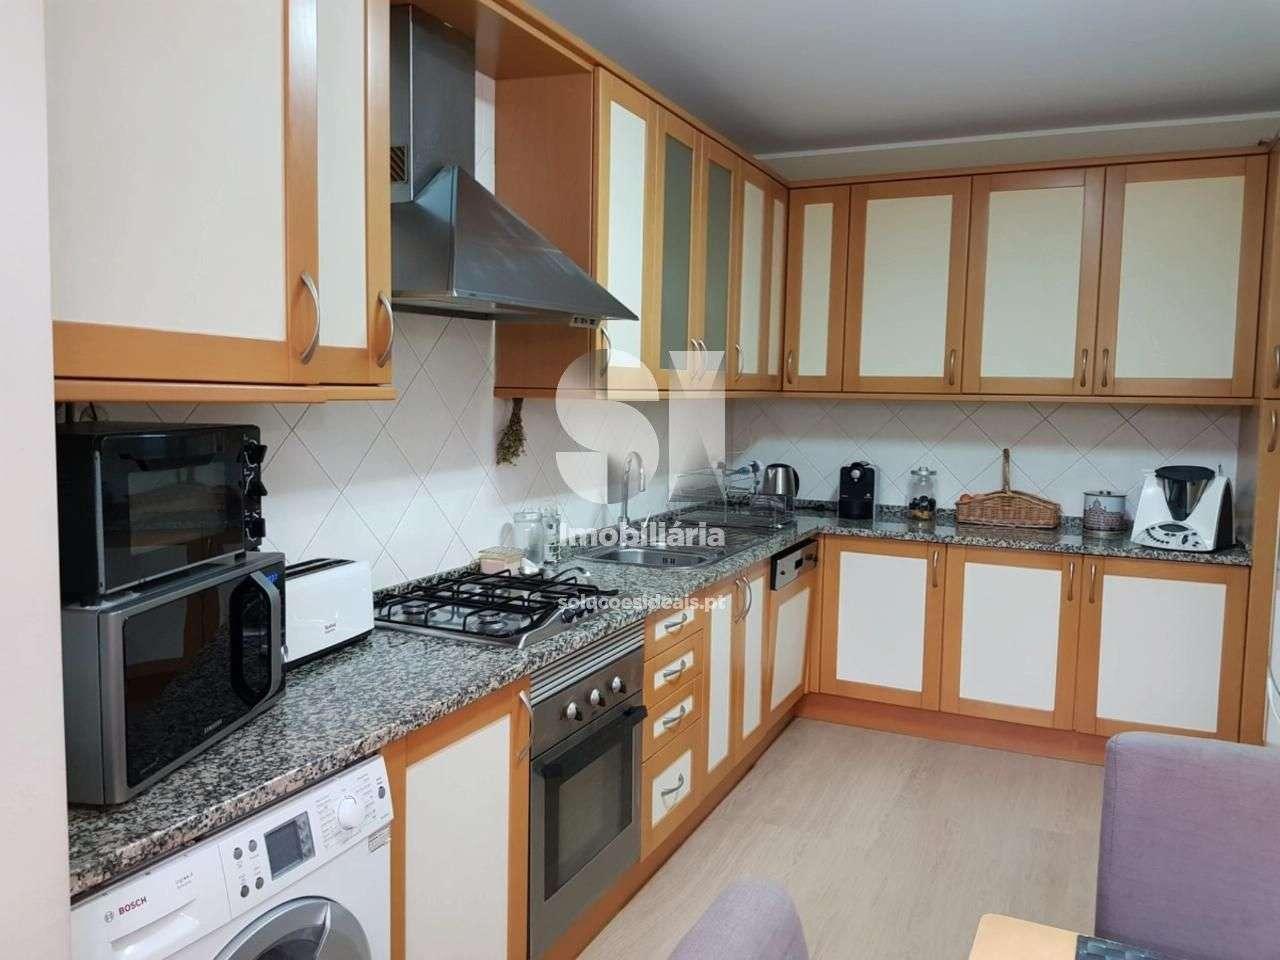 Apartamento para comprar, A dos Cunhados e Maceira, Lisboa - Foto 20